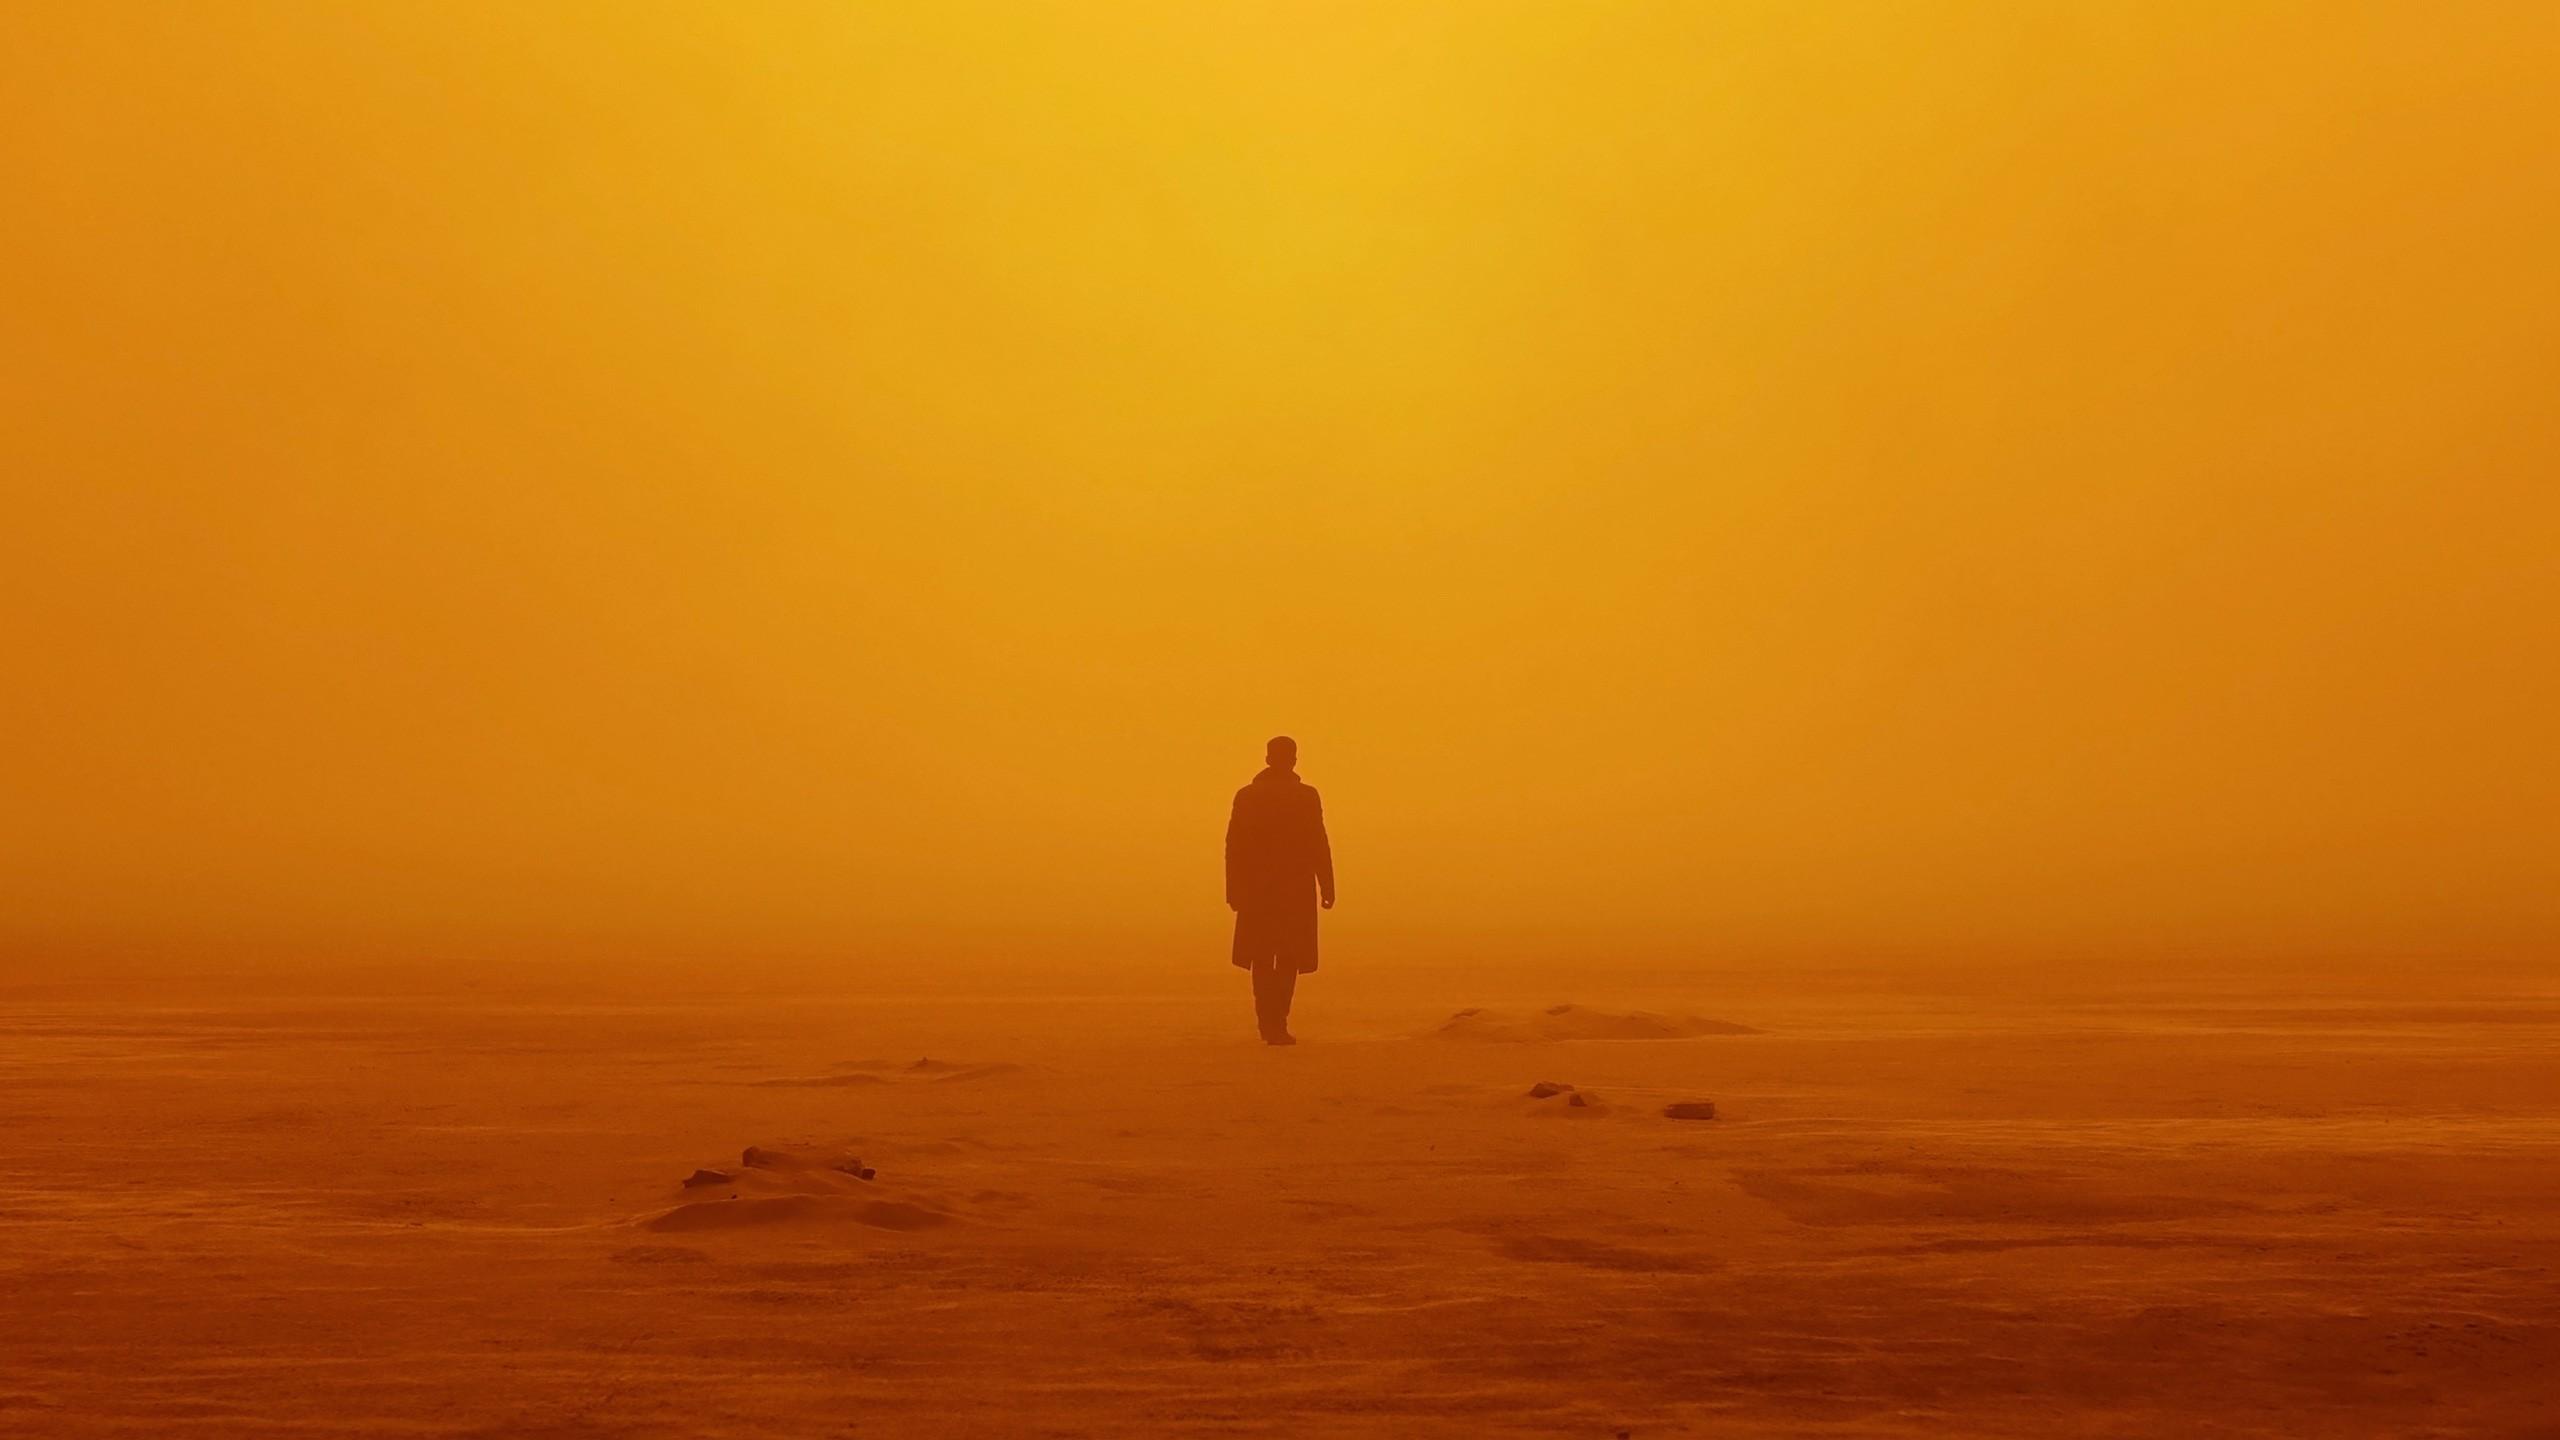 3d Jungle Wallpaper Officer K Blade Runner 2049 Wallpapers Hd Wallpapers